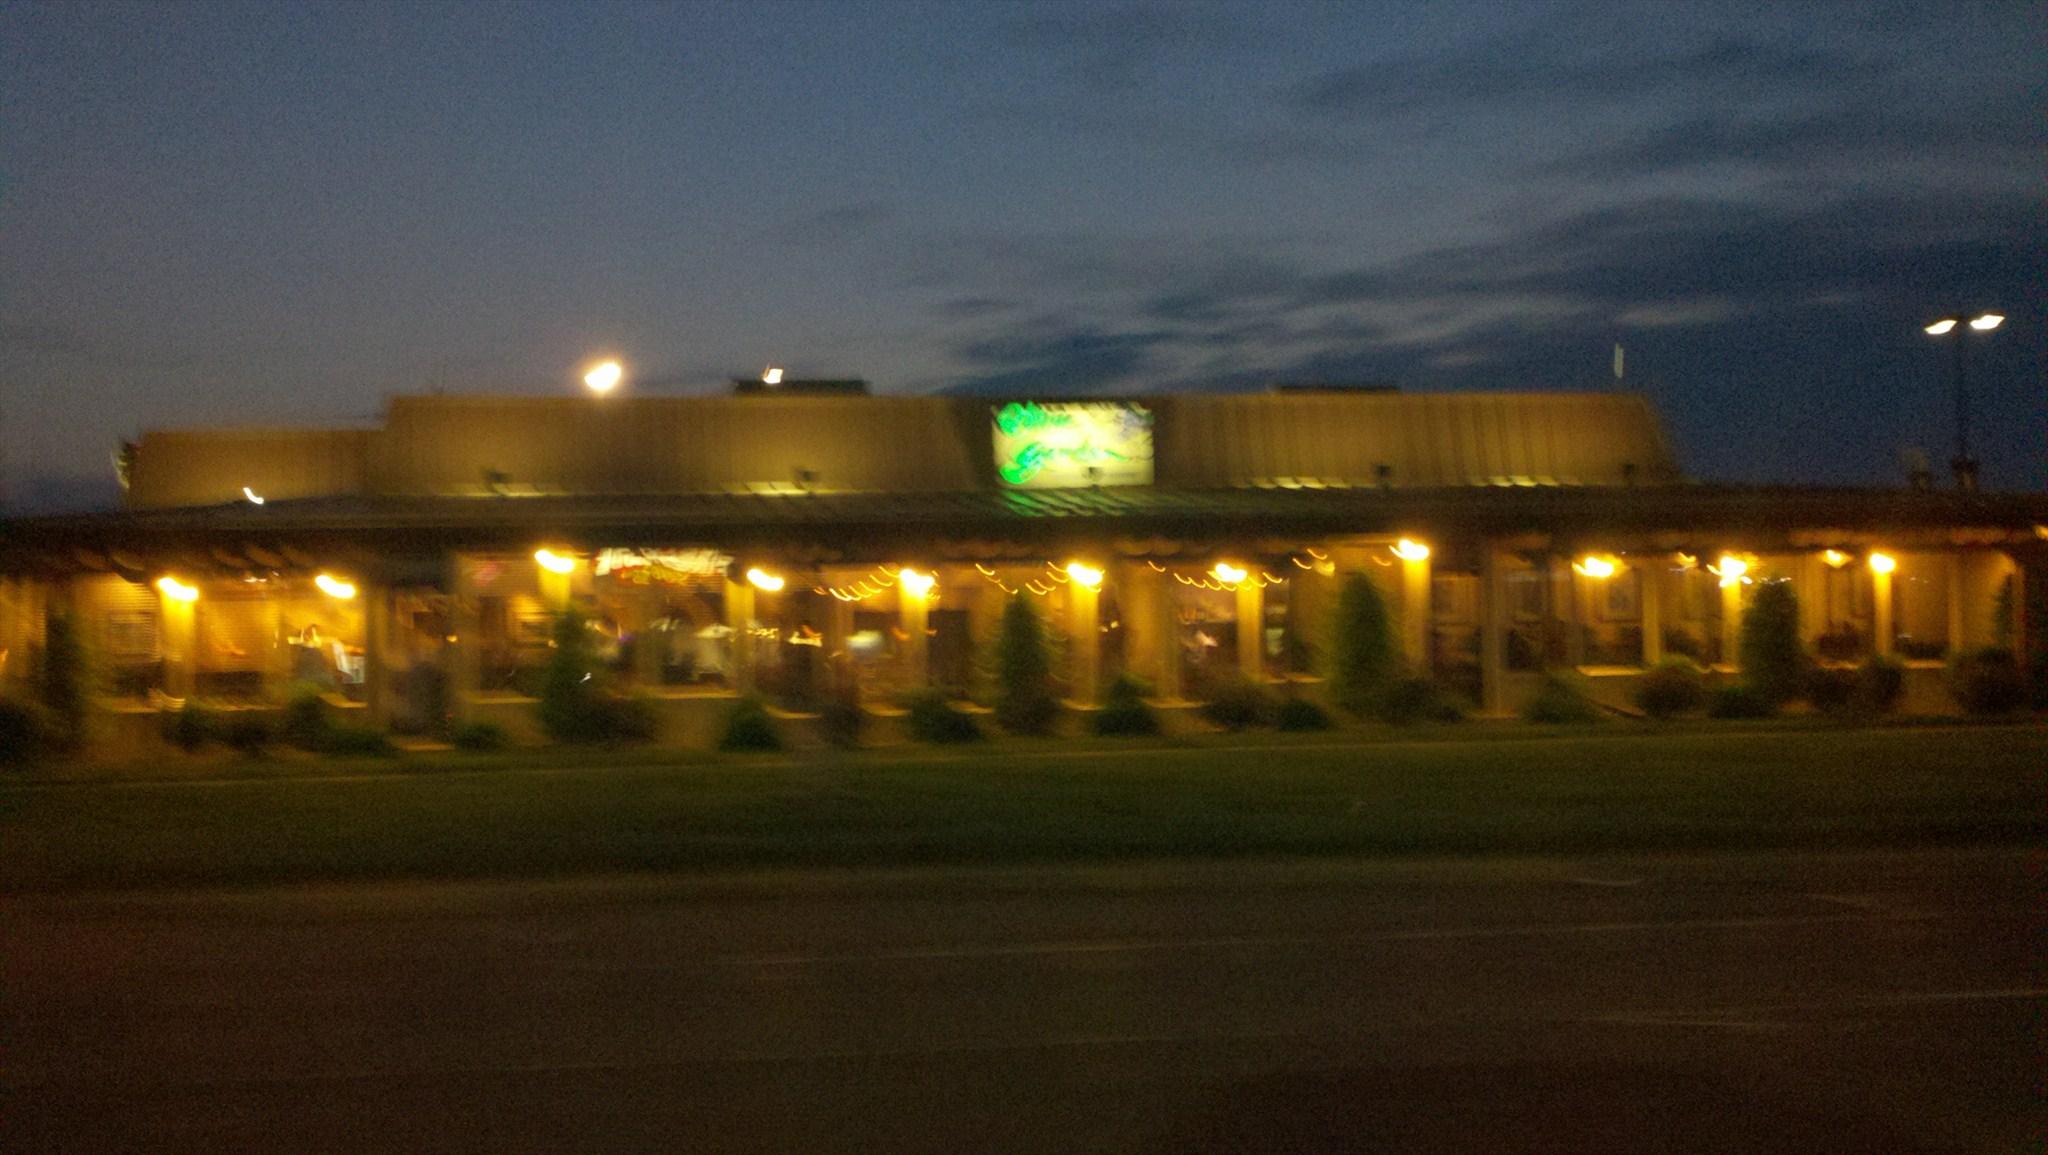 Olive Garden - Evansville, IN Image